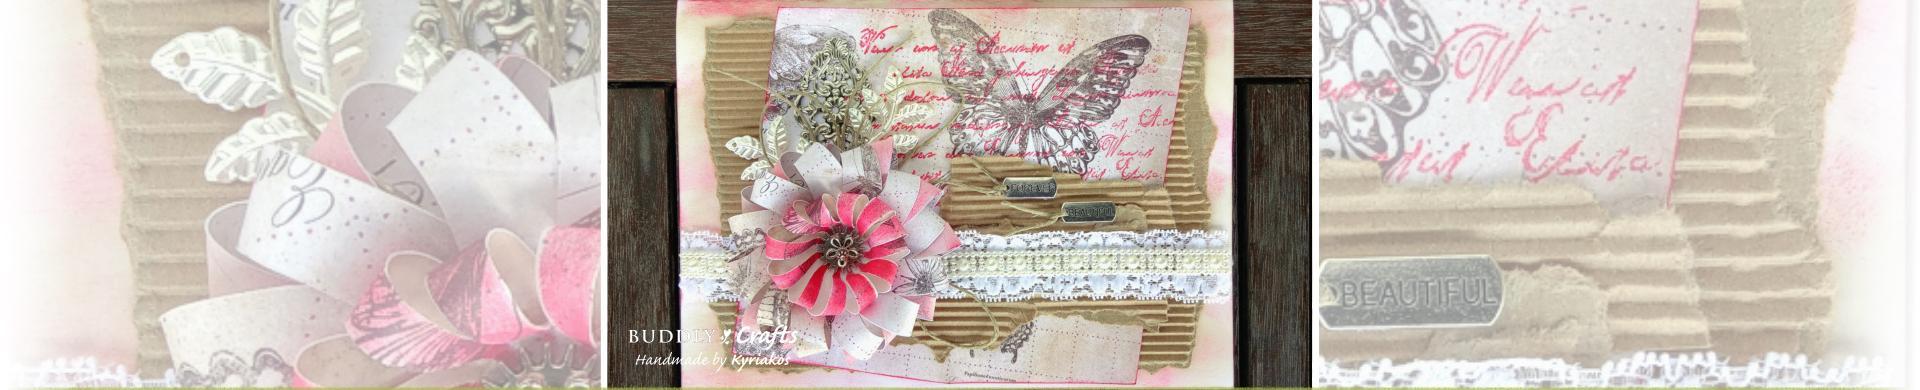 Making Paper Flower Rosettes